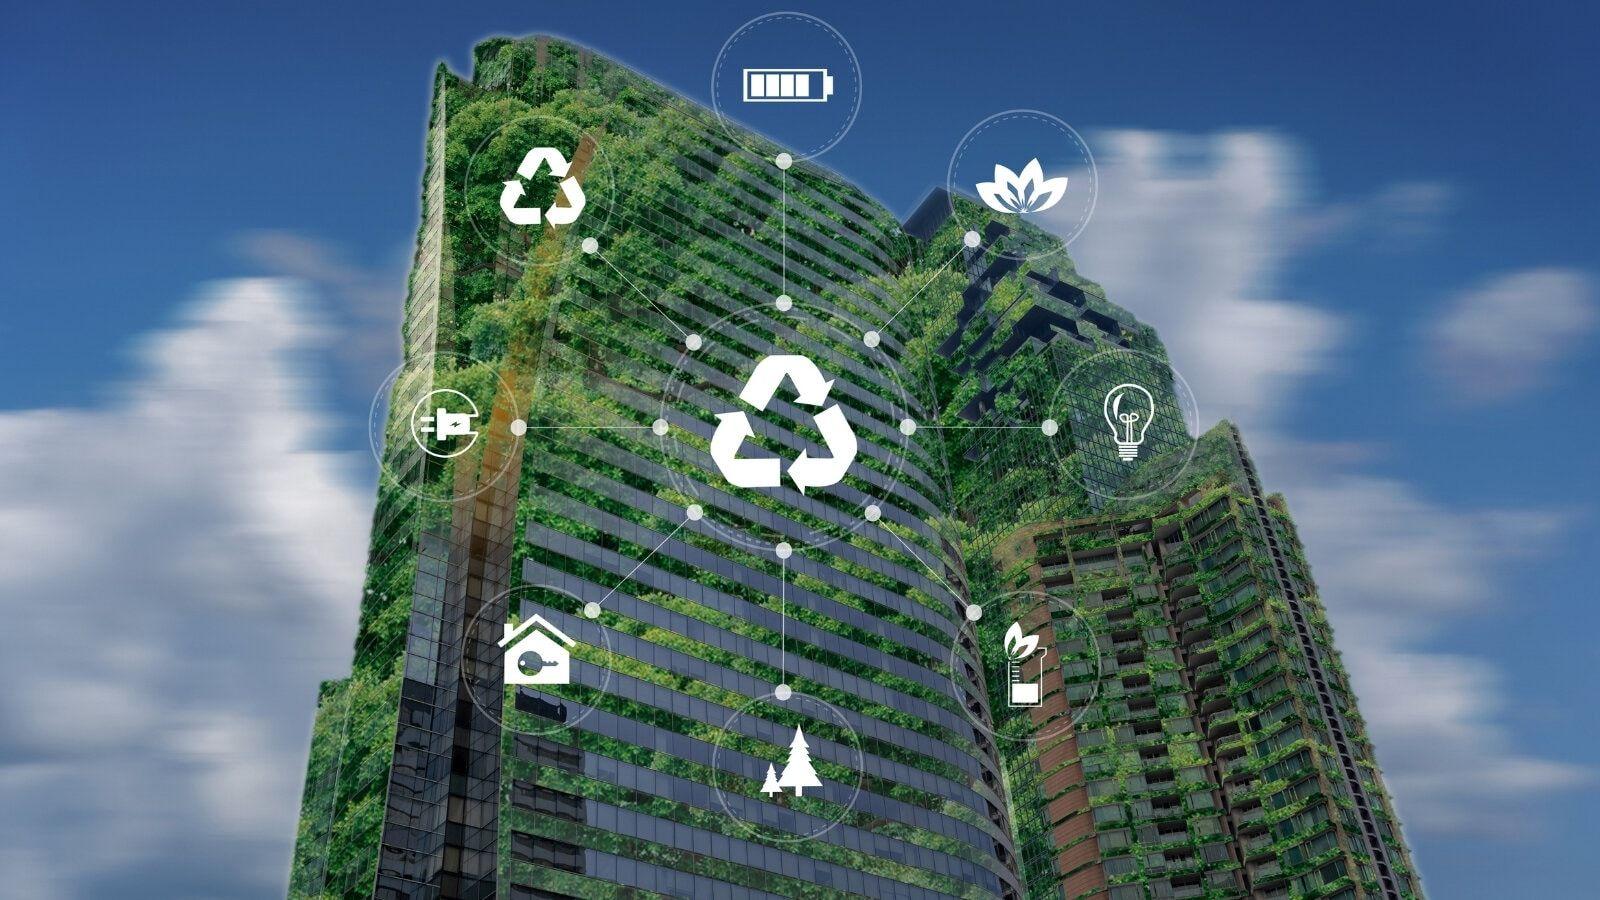 La sostenibilidad, un concepto ambiental, social y económico